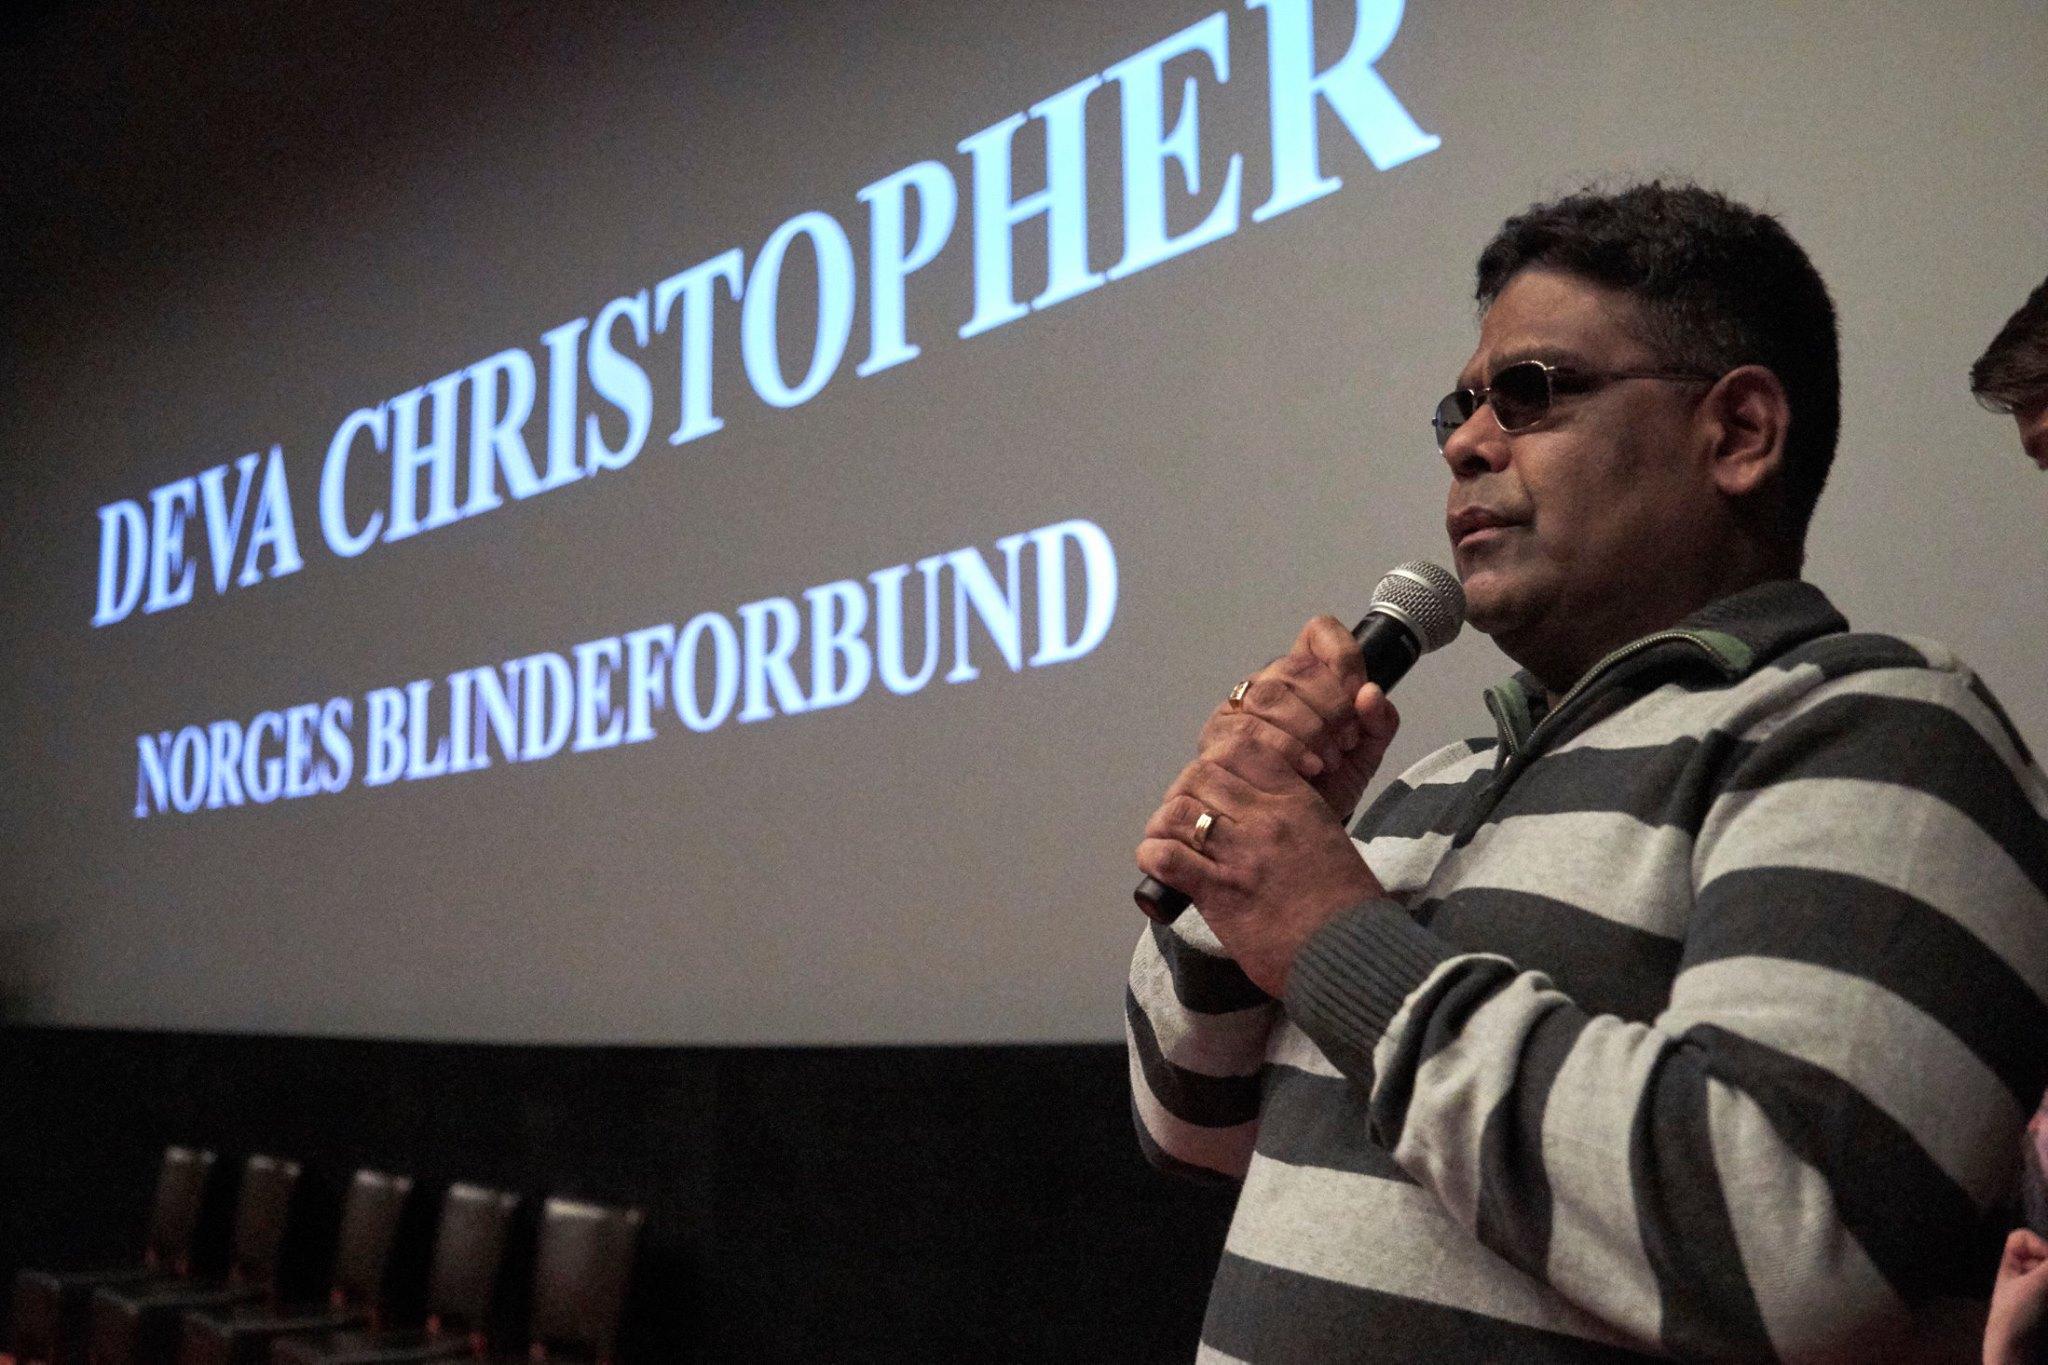 Deva Christopher fortalte om sine opplevelser og hva mi gjøre for å få et mer universelt utformet samfunn. Han delte verdifulle egne erfaringer for å illustrere behovet for økt fokus på kurs og kompetanse.